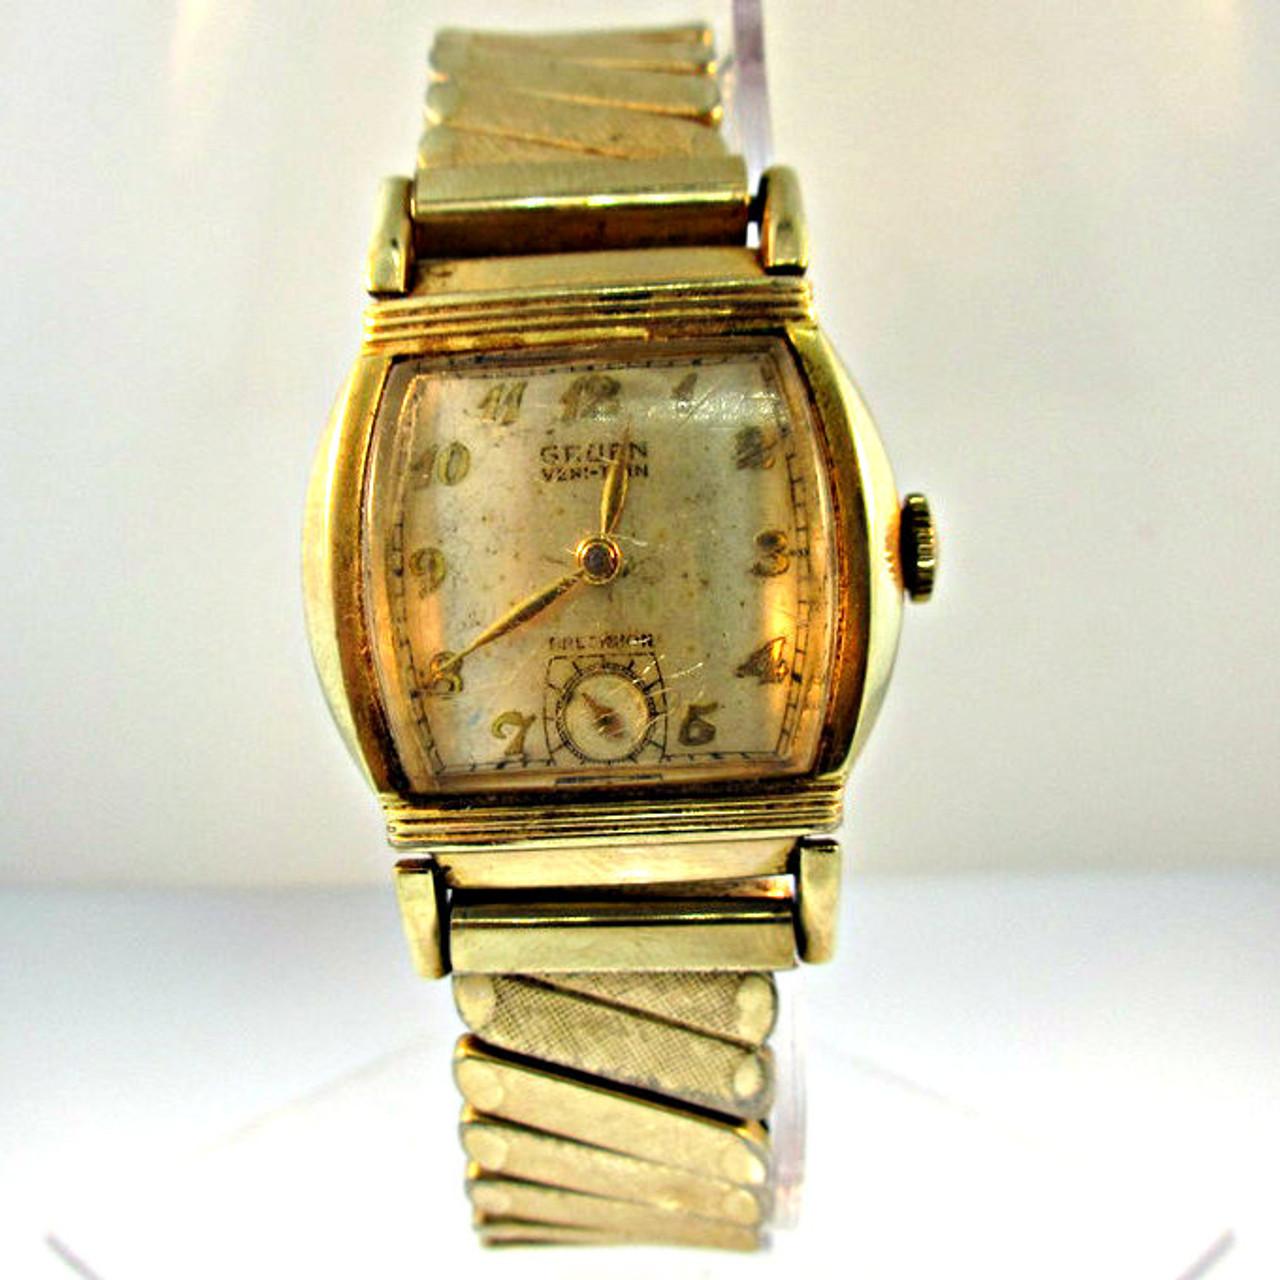 vintage gruen watch co veri thin precision watch 3004619cb